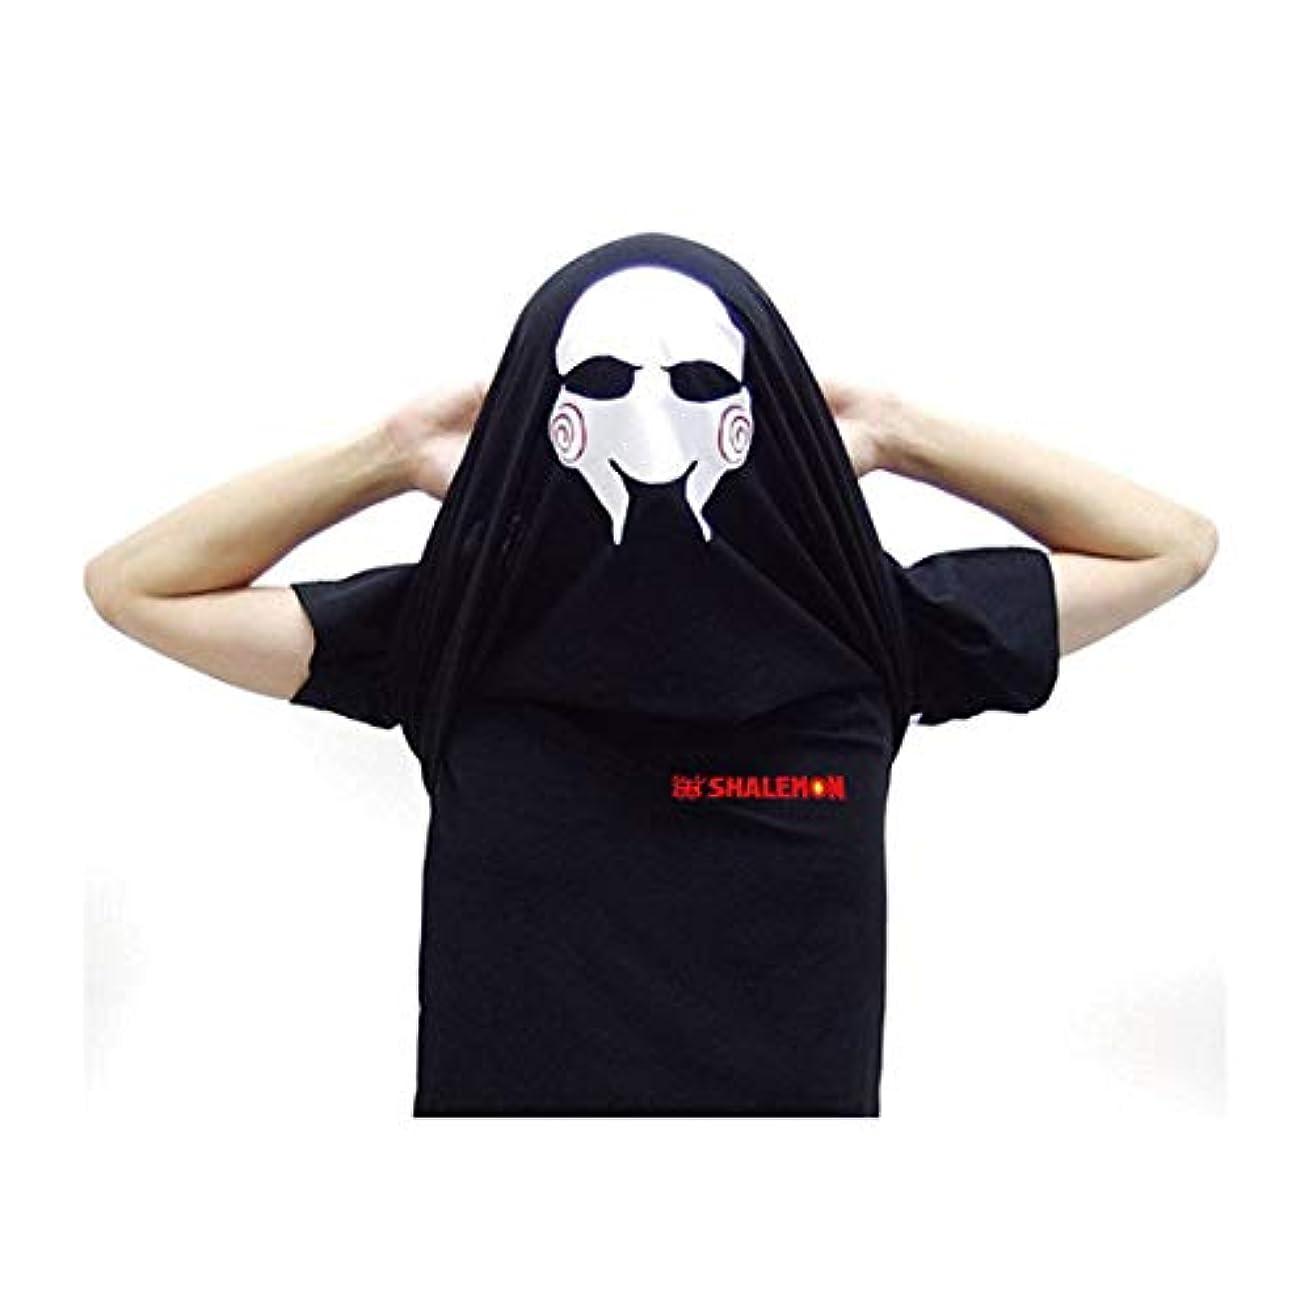 愛情ほのめかすサラダシャレもん かぶって 変身 Tシャツ【黒】【そう】パーティー ハロウィン 仮装